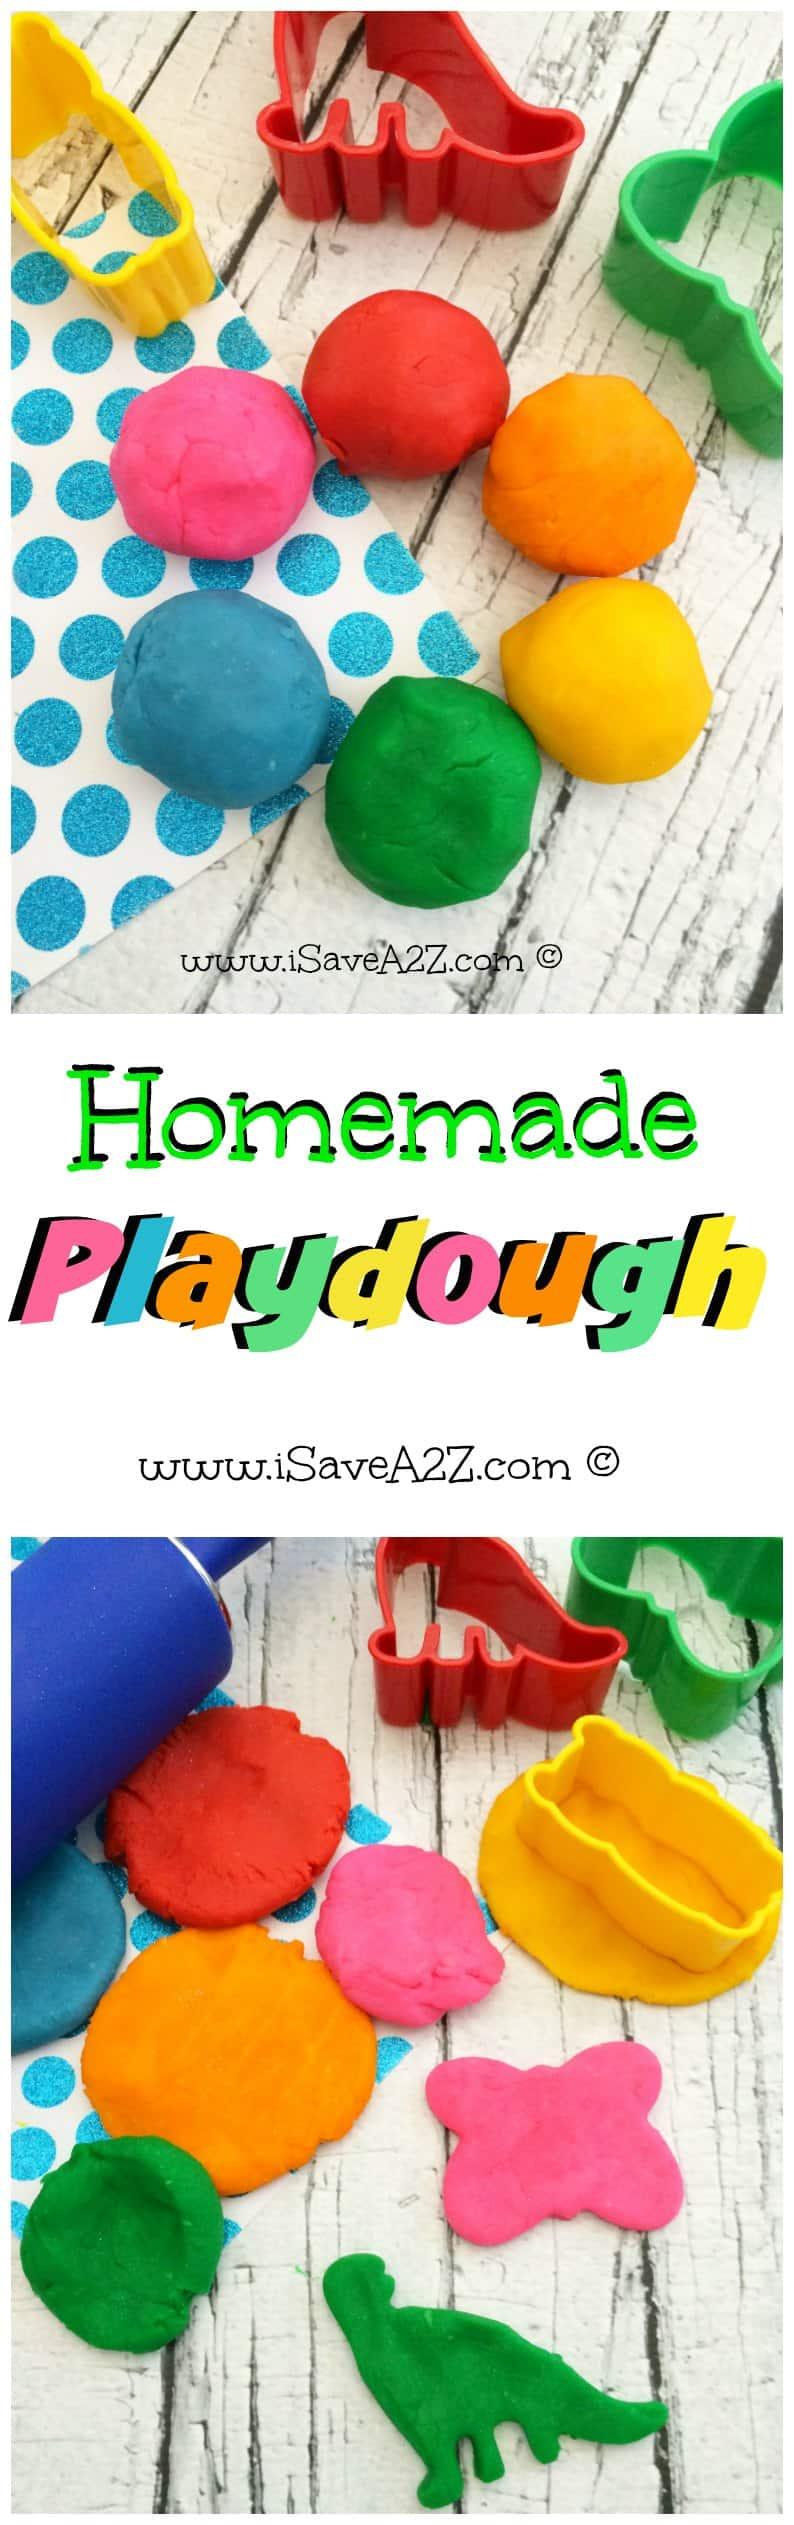 Homemade Playdough Recipe